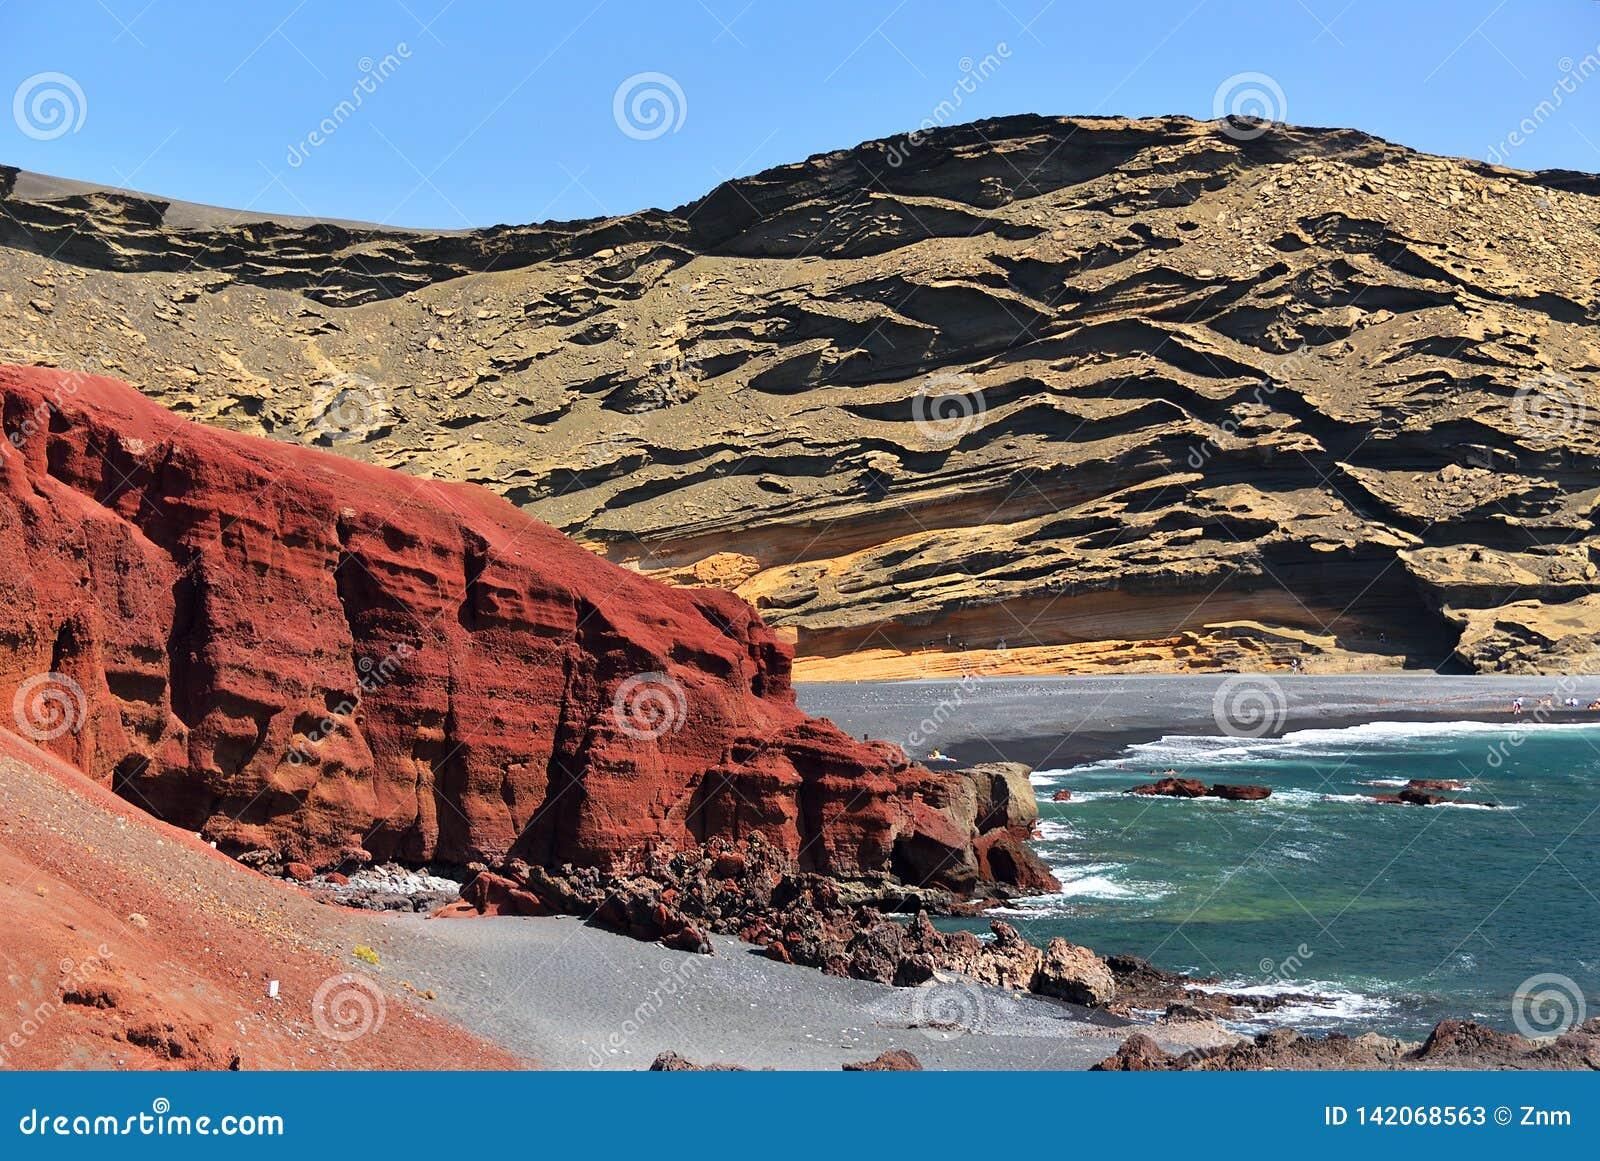 Lagoon El Golfo With The Black Beach. Lanzarote Island ...